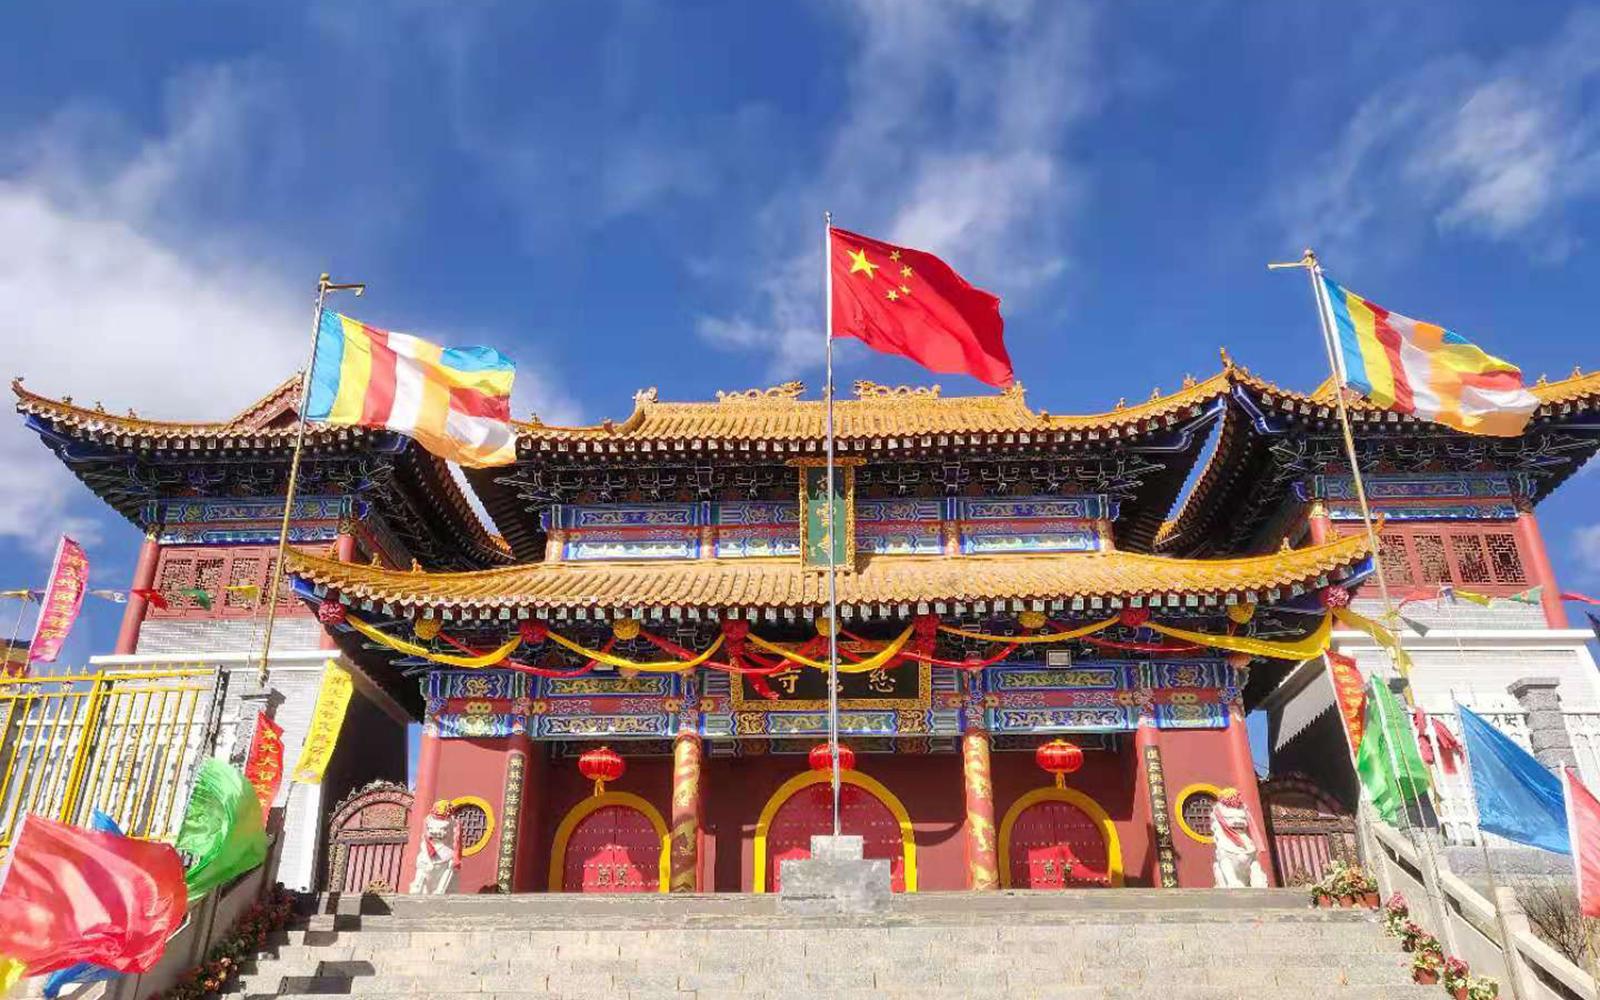 临潭慈云寺:坐落在藏汉门户的汉传佛教寺院